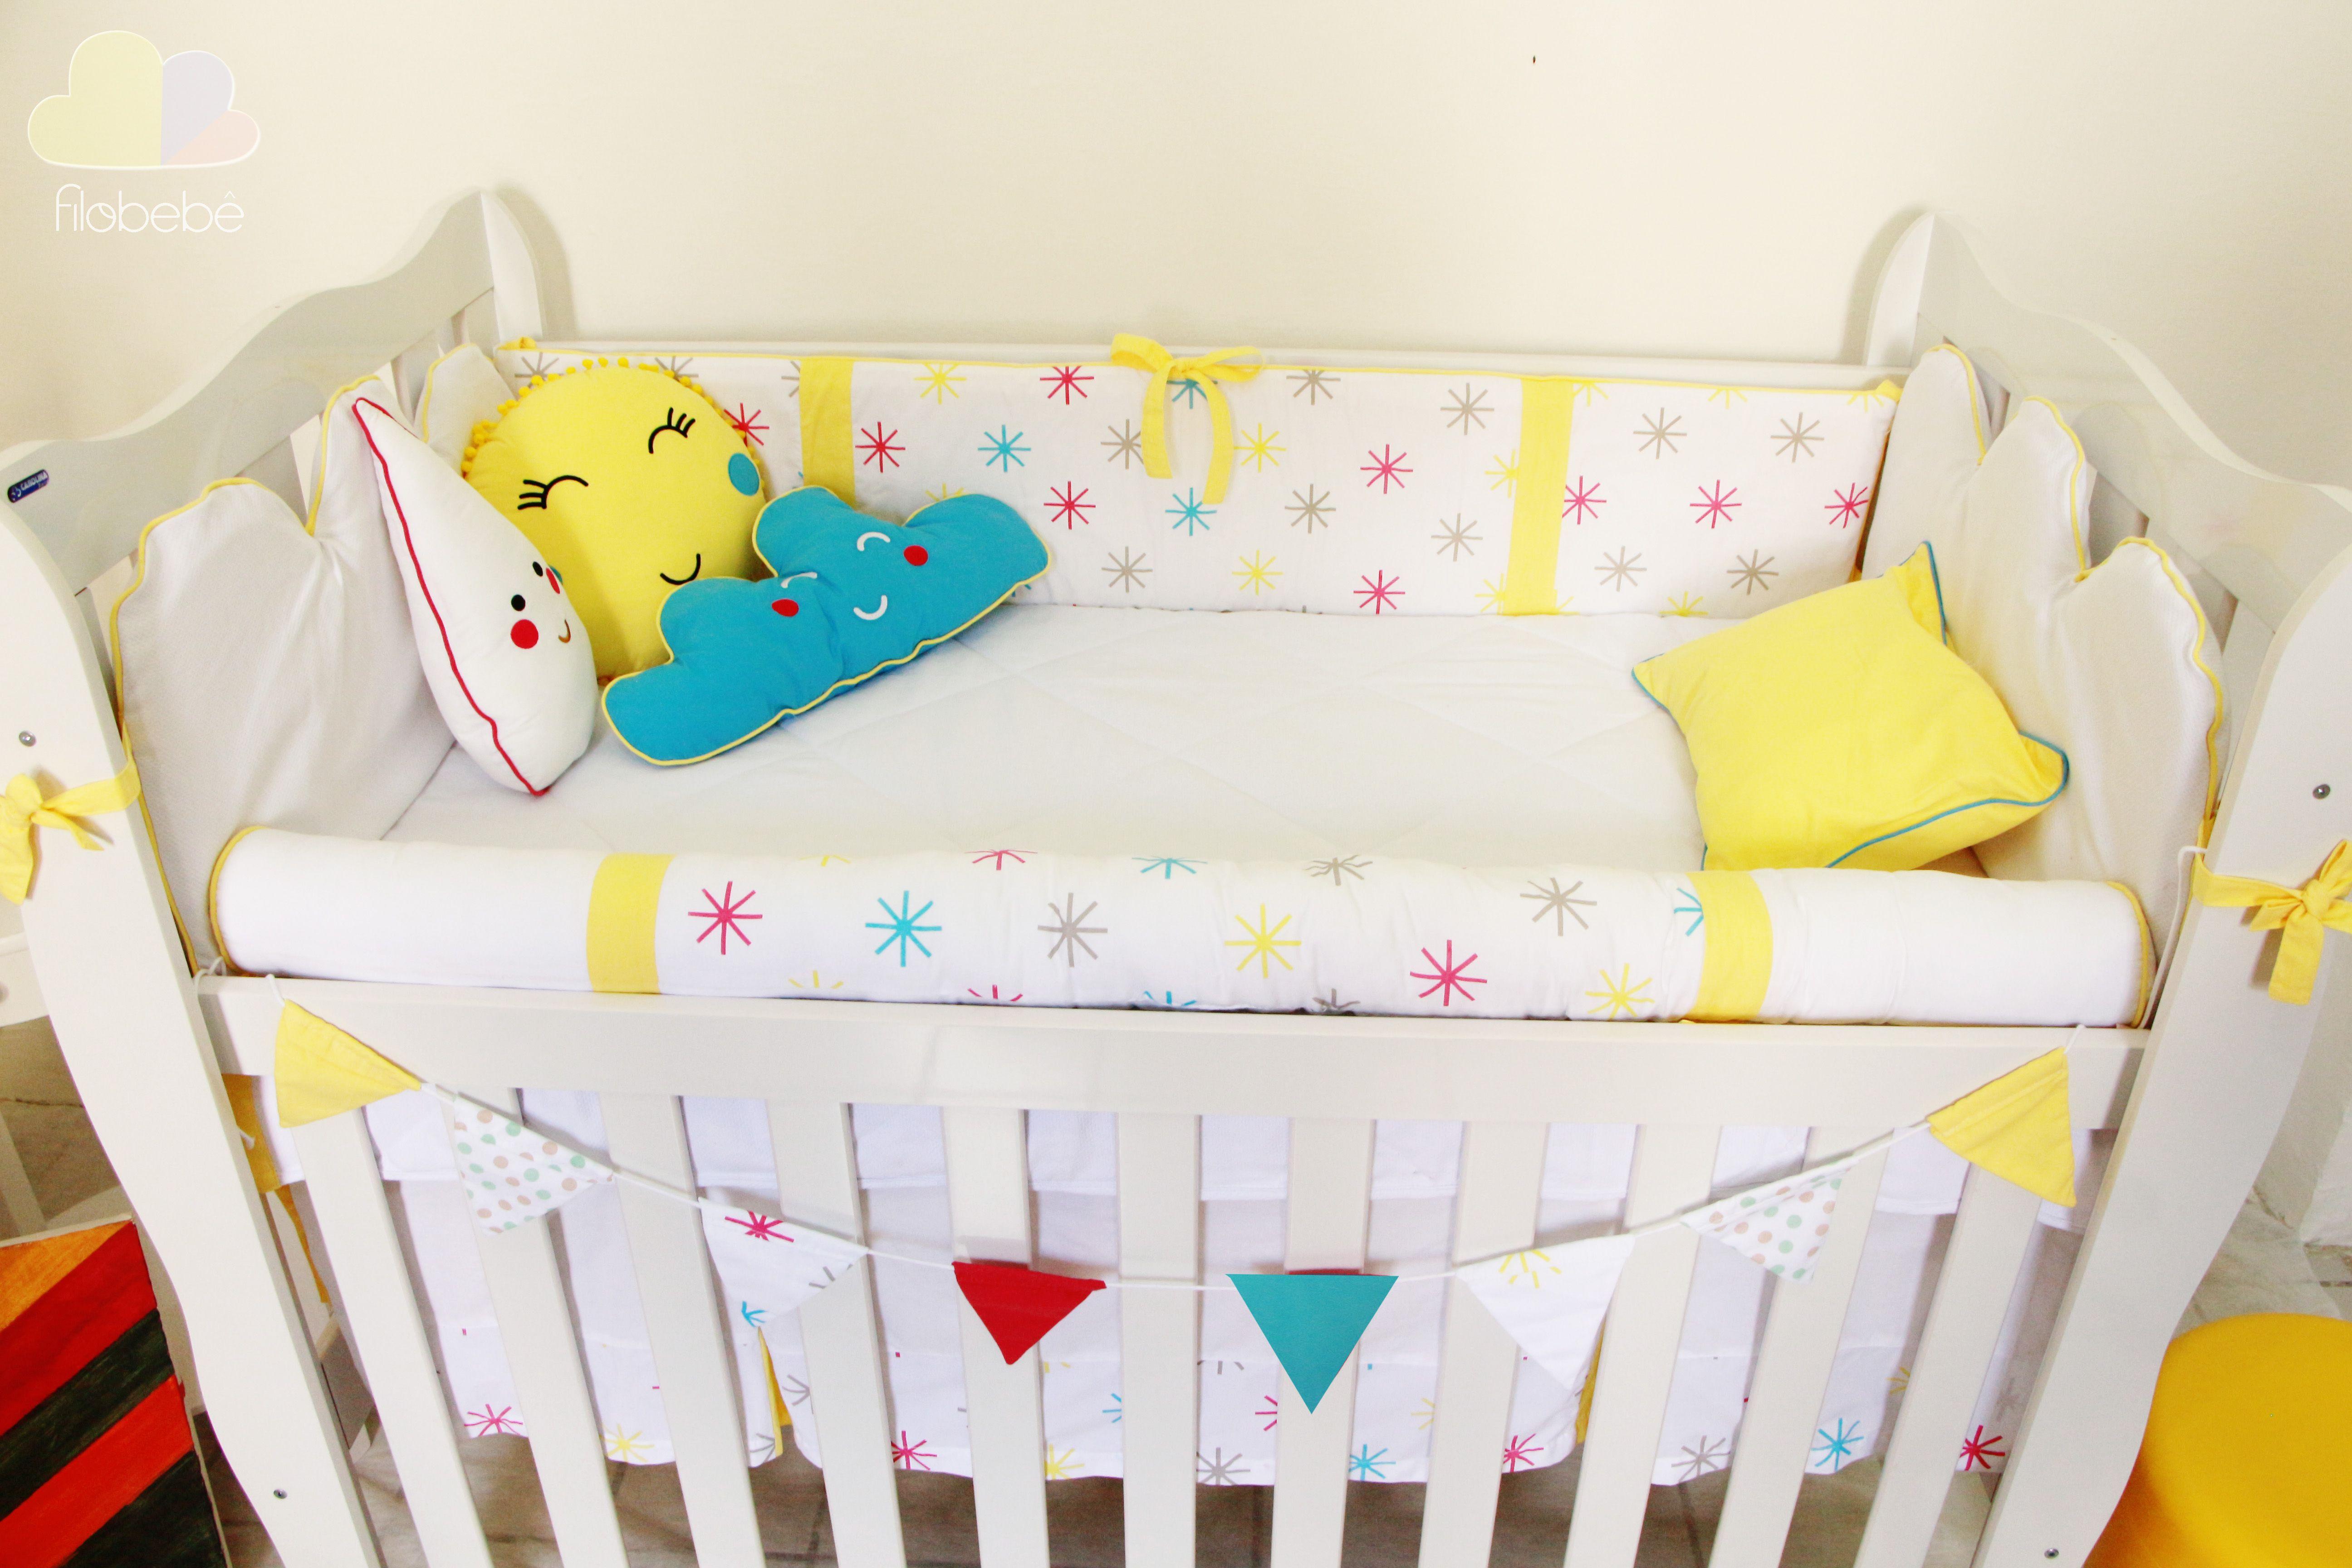 #C U #Amarelo #Enxoval #Enxovaldebebe #Baby #Beb #Decora O #Quartodebeb